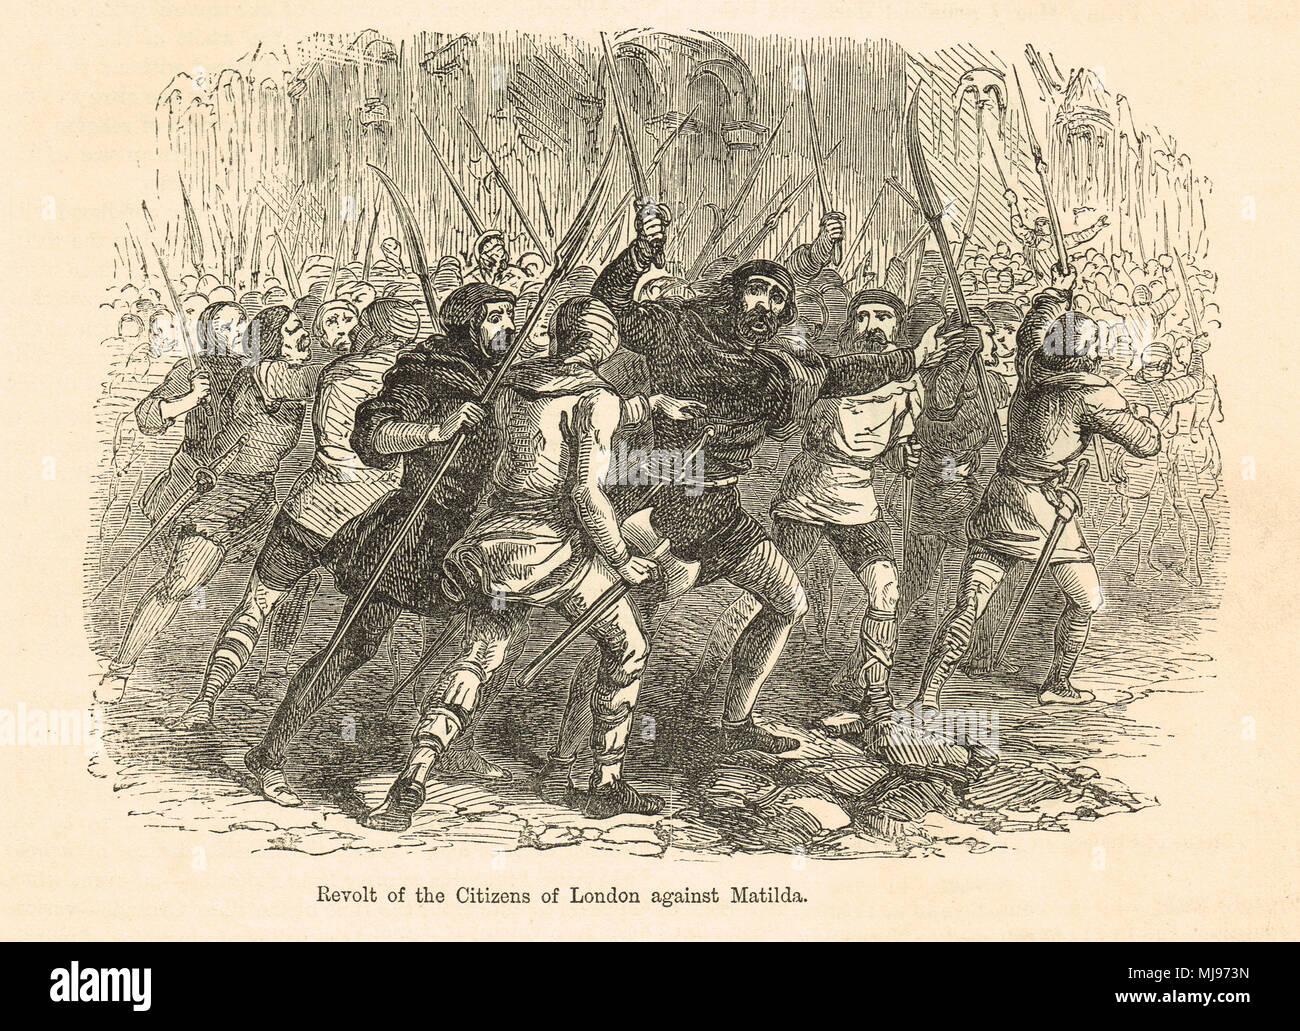 Révolte des citoyens de Londres contre l'Impératrice Mathilde, Juin 1141 Photo Stock